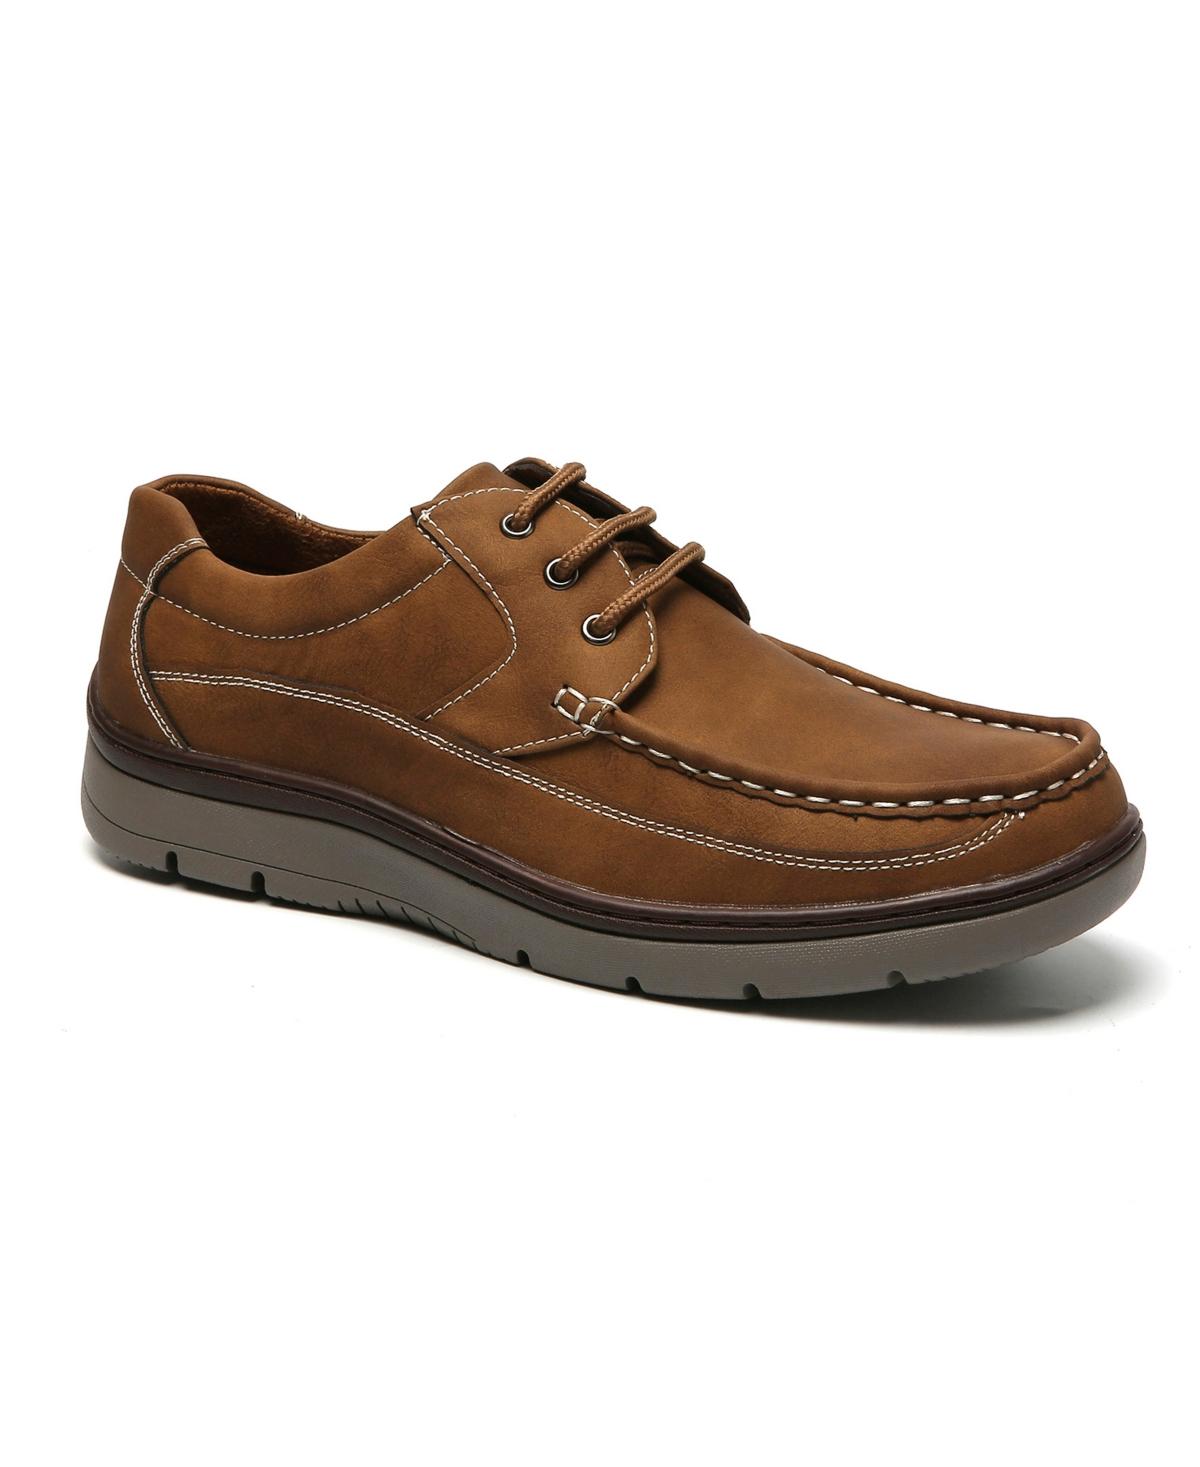 Aston Marc Men's Lace-Up Comfort Casual Shoes Men's Shoes